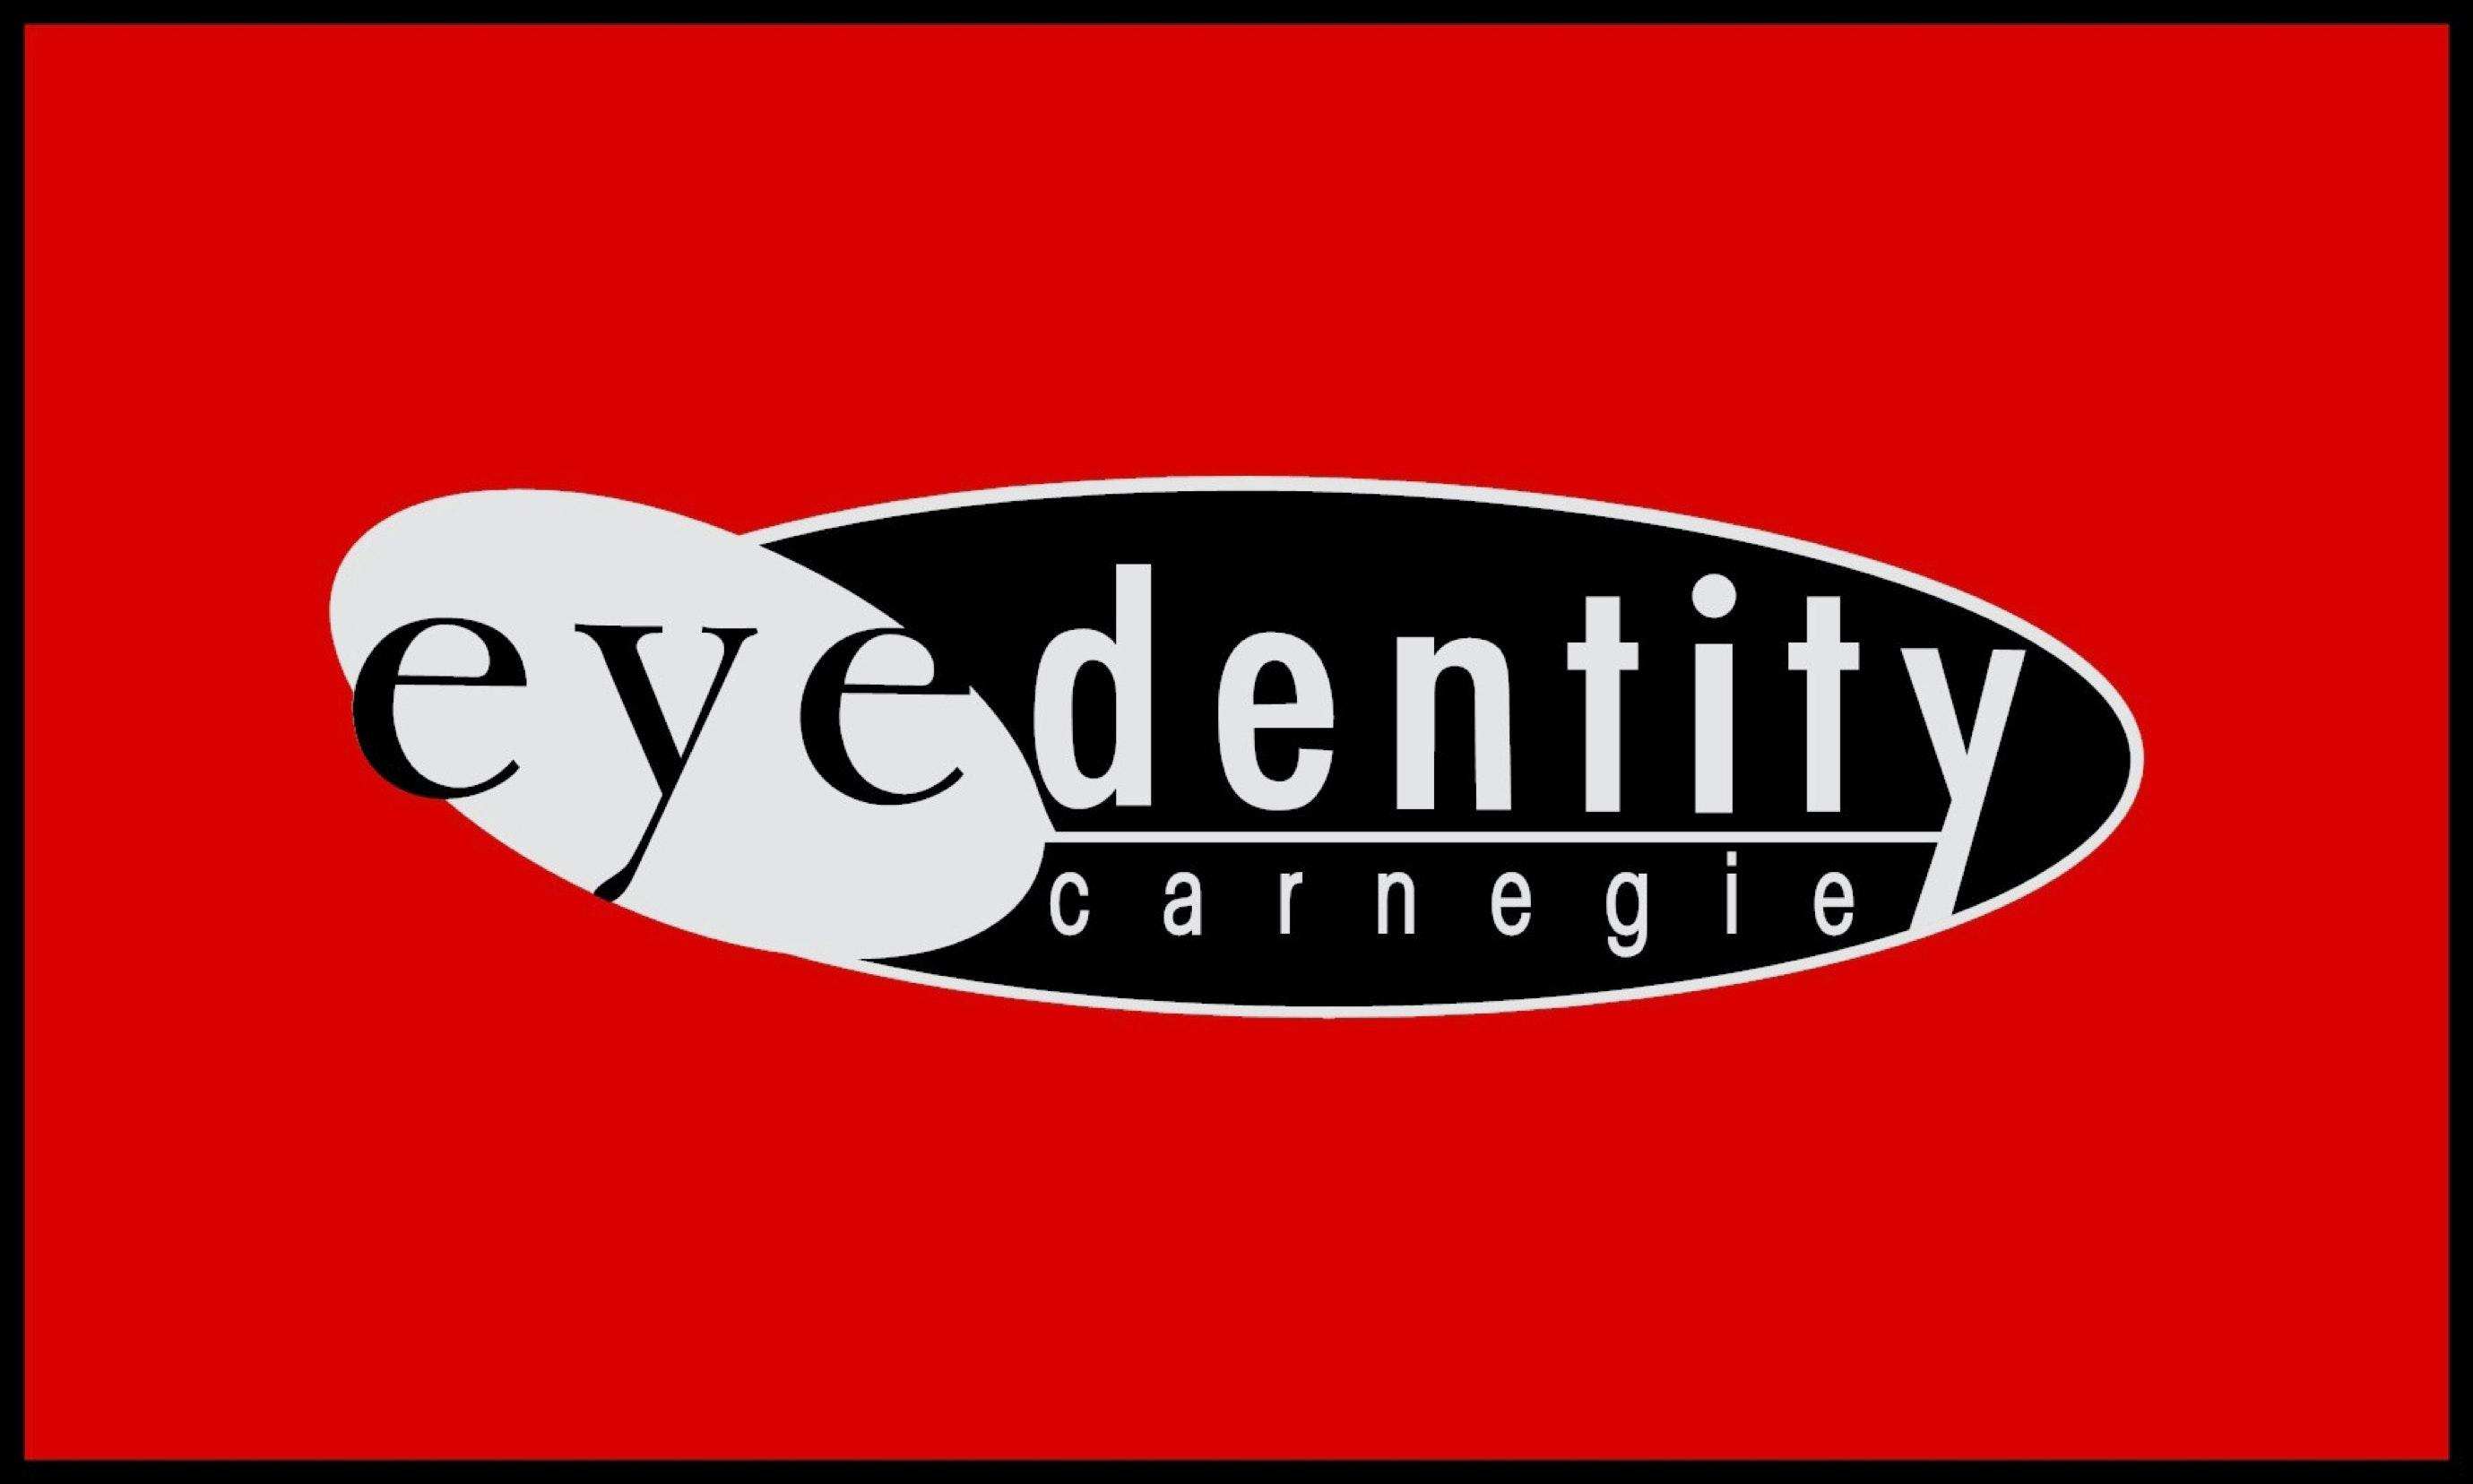 Eyedentity Carnegie